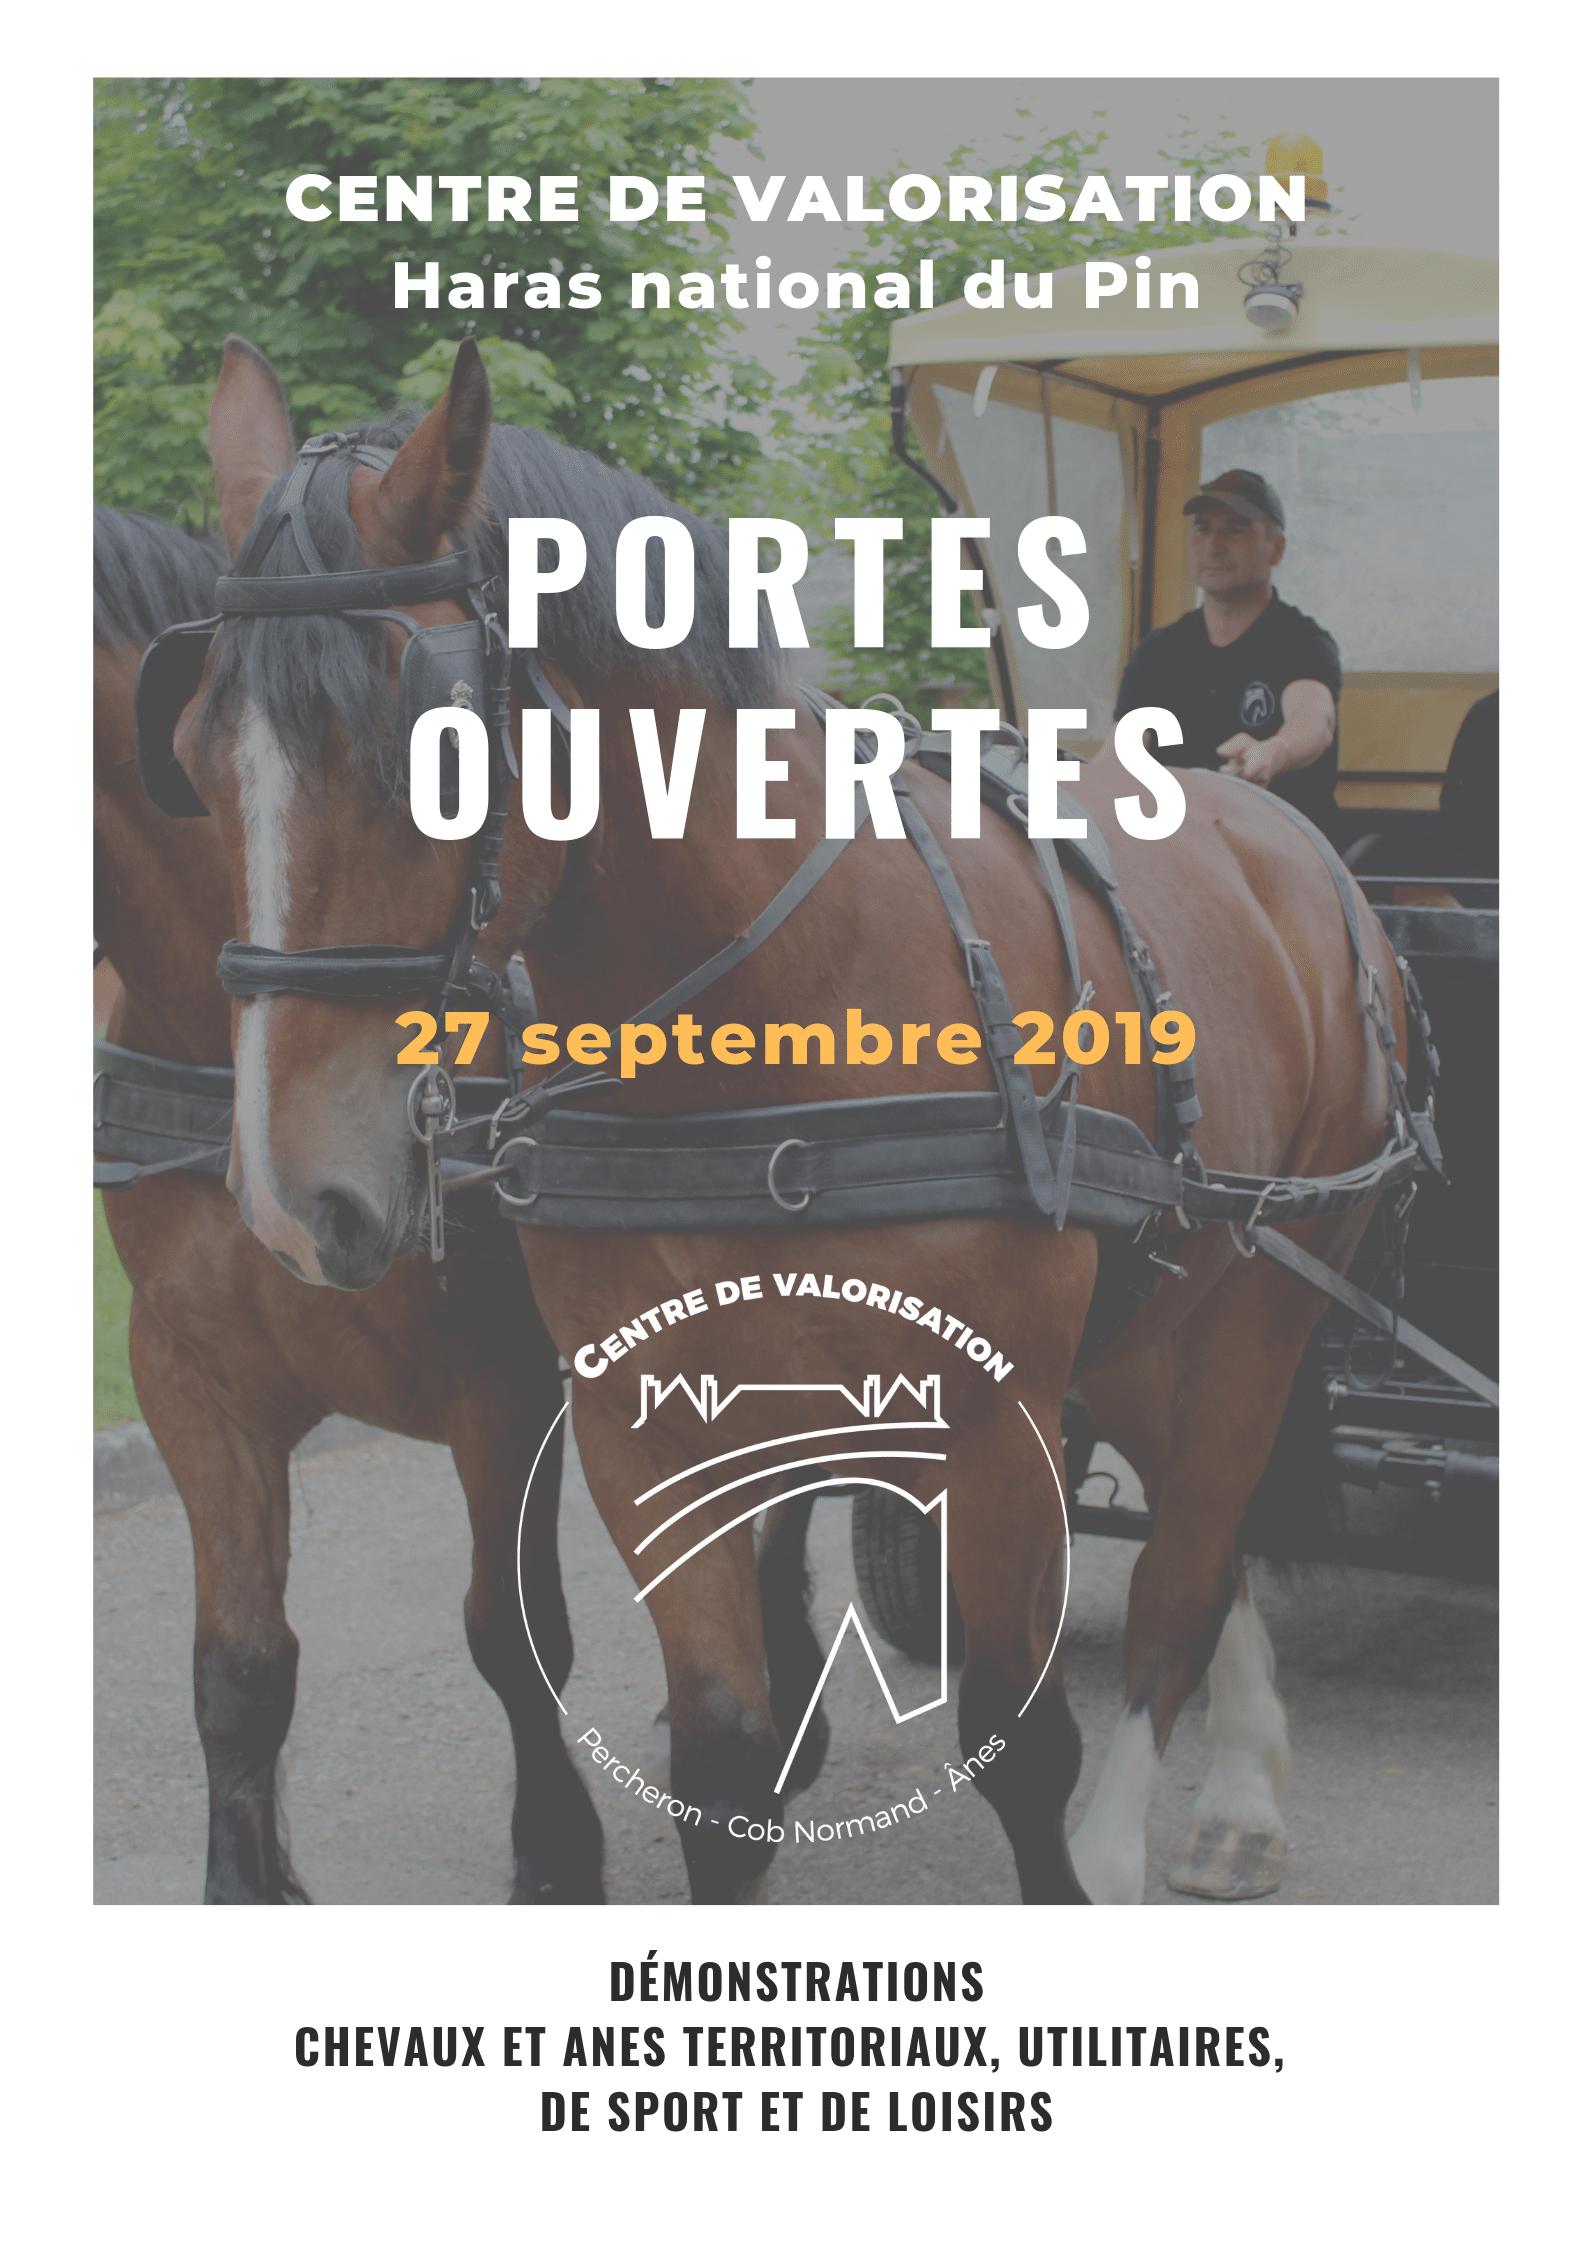 Portes ouvertes le 27 septembre 2019